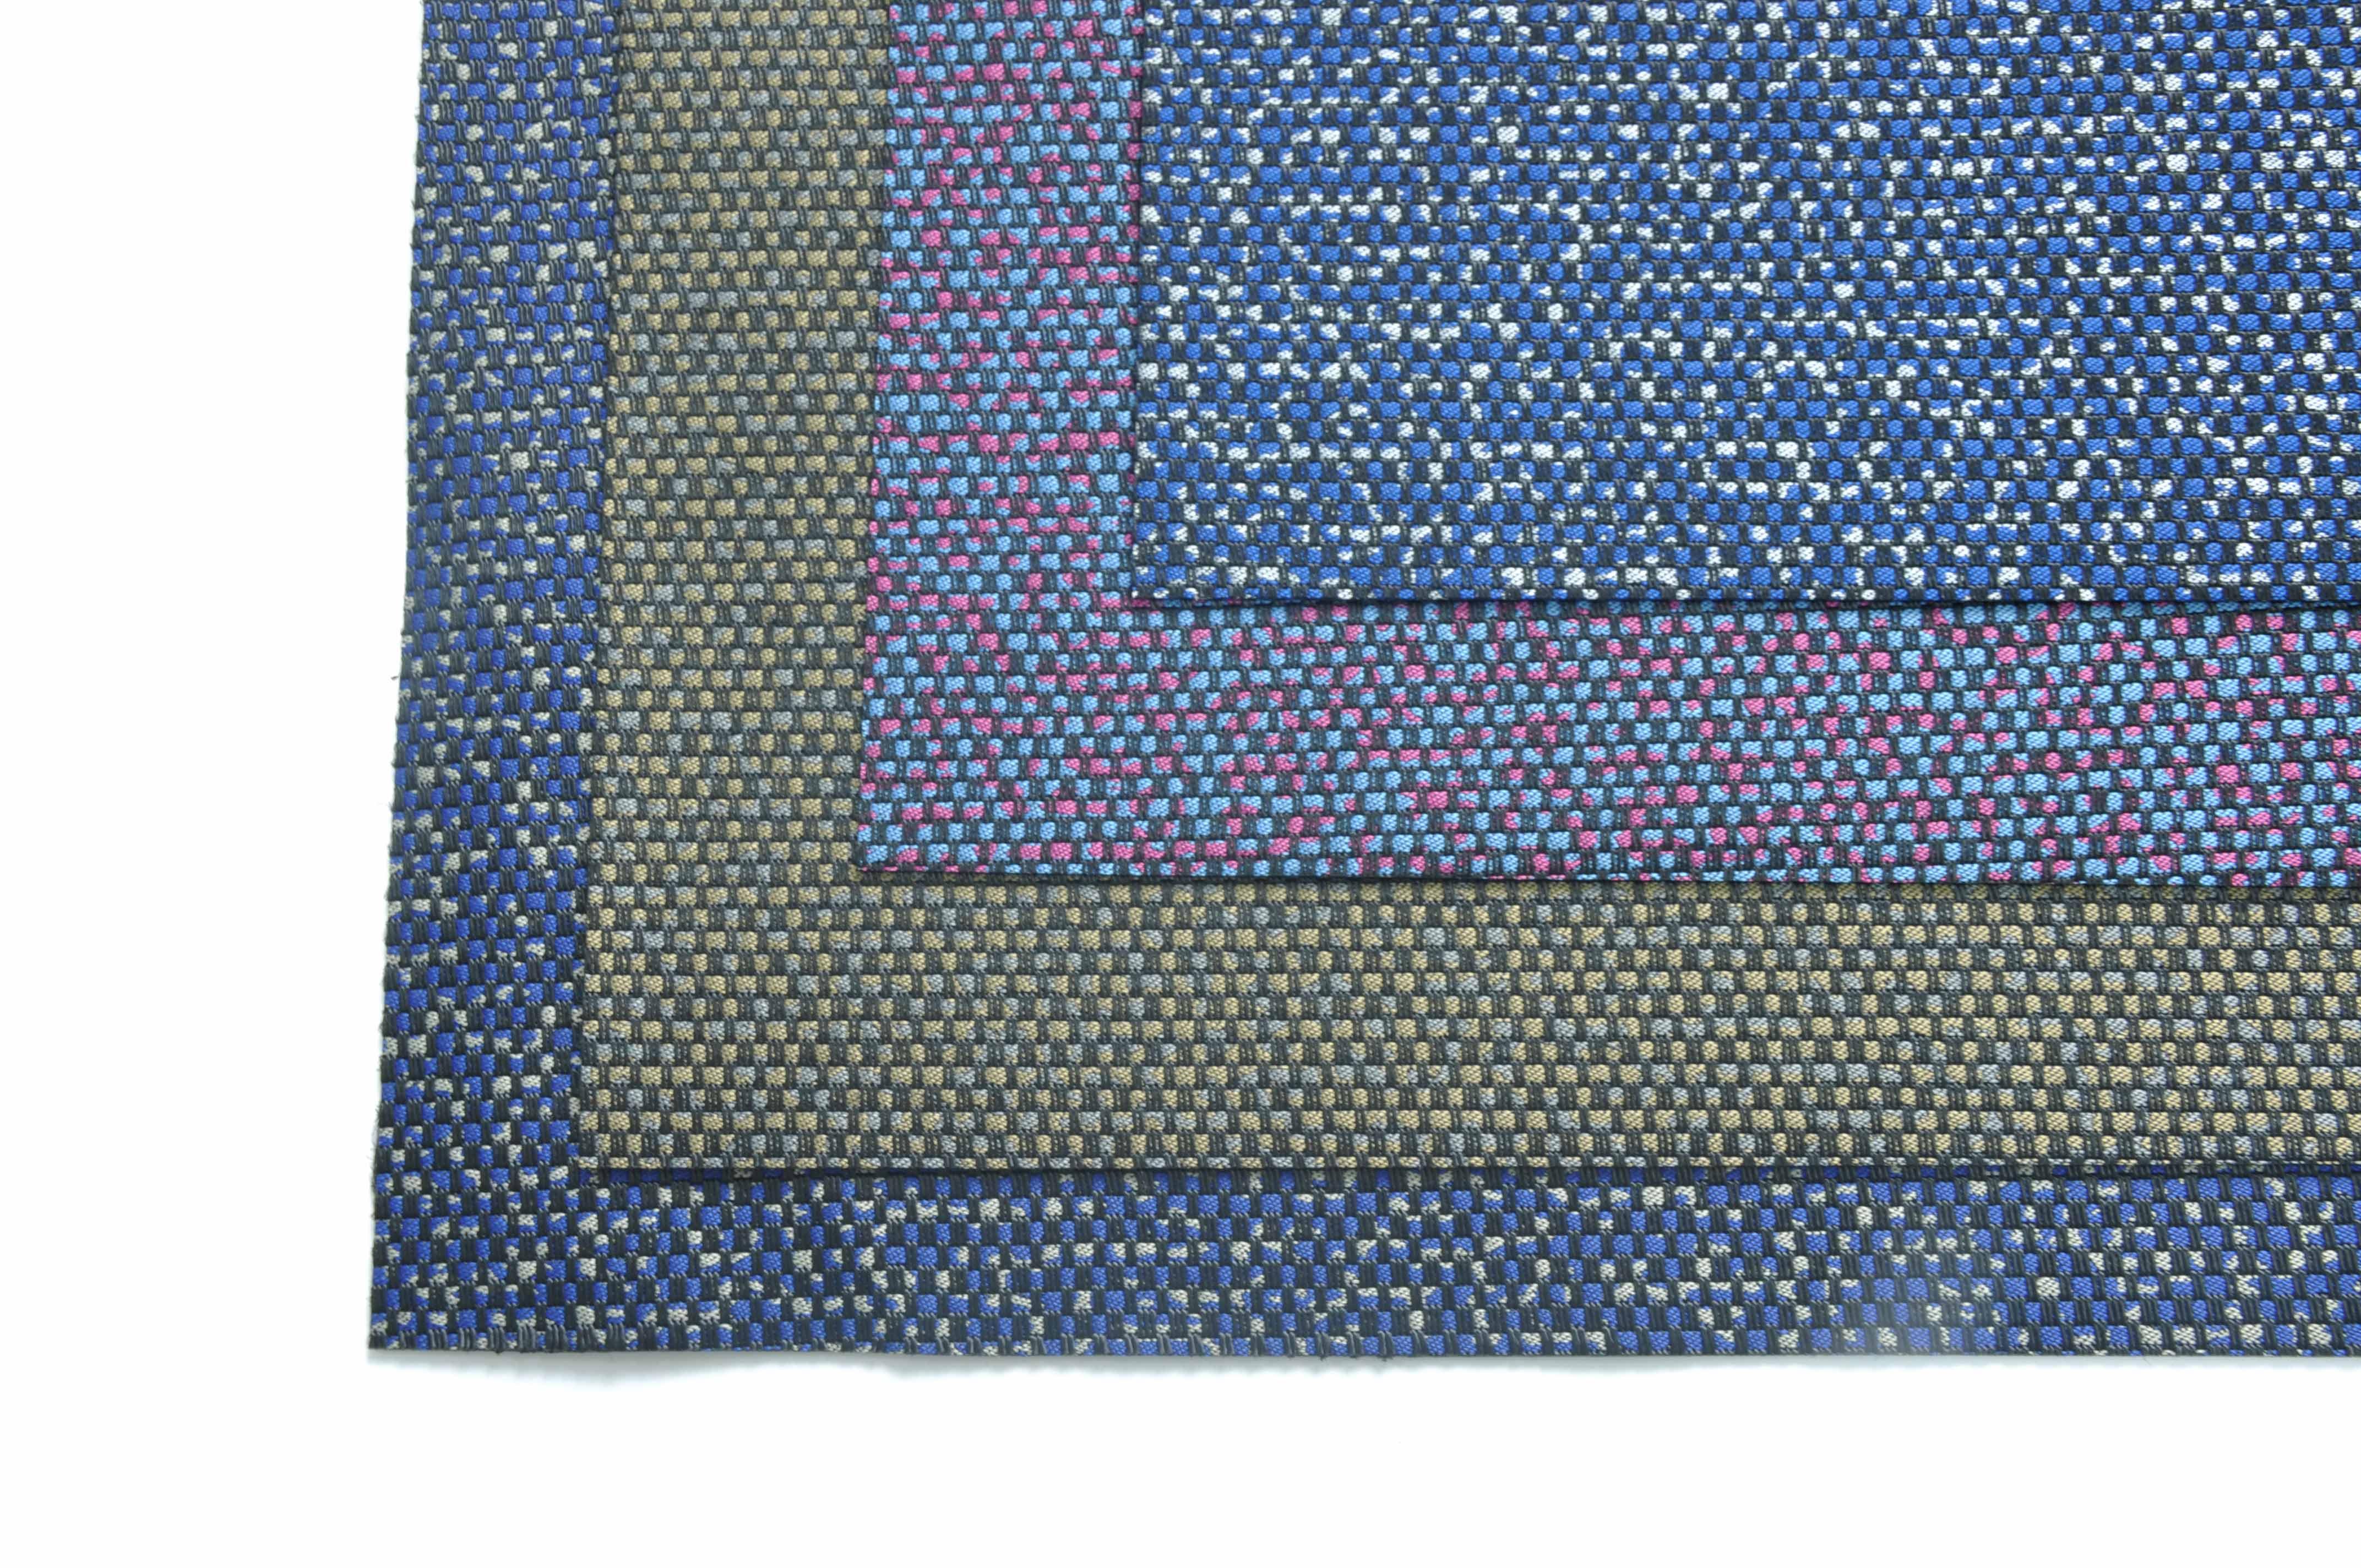 单双线铁锈纹DS8048提花面料